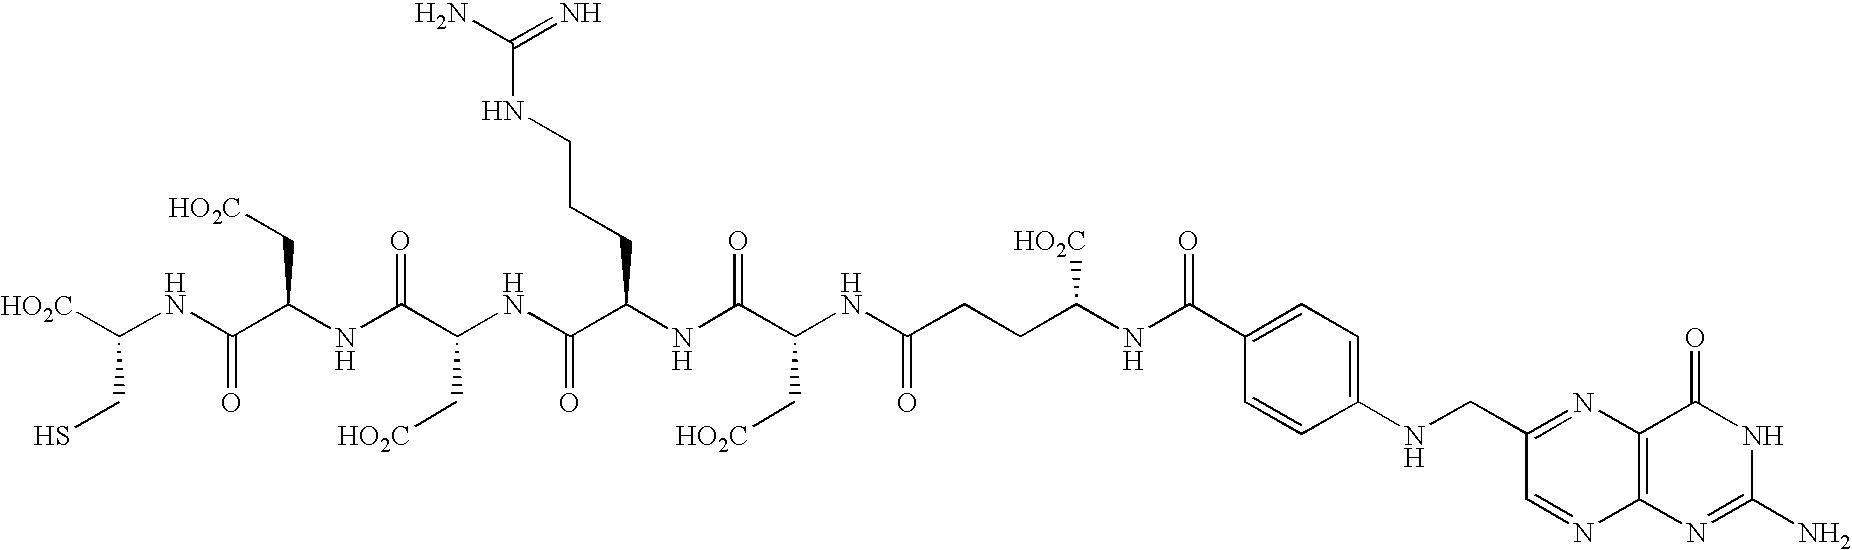 Figure US20100104626A1-20100429-C00034